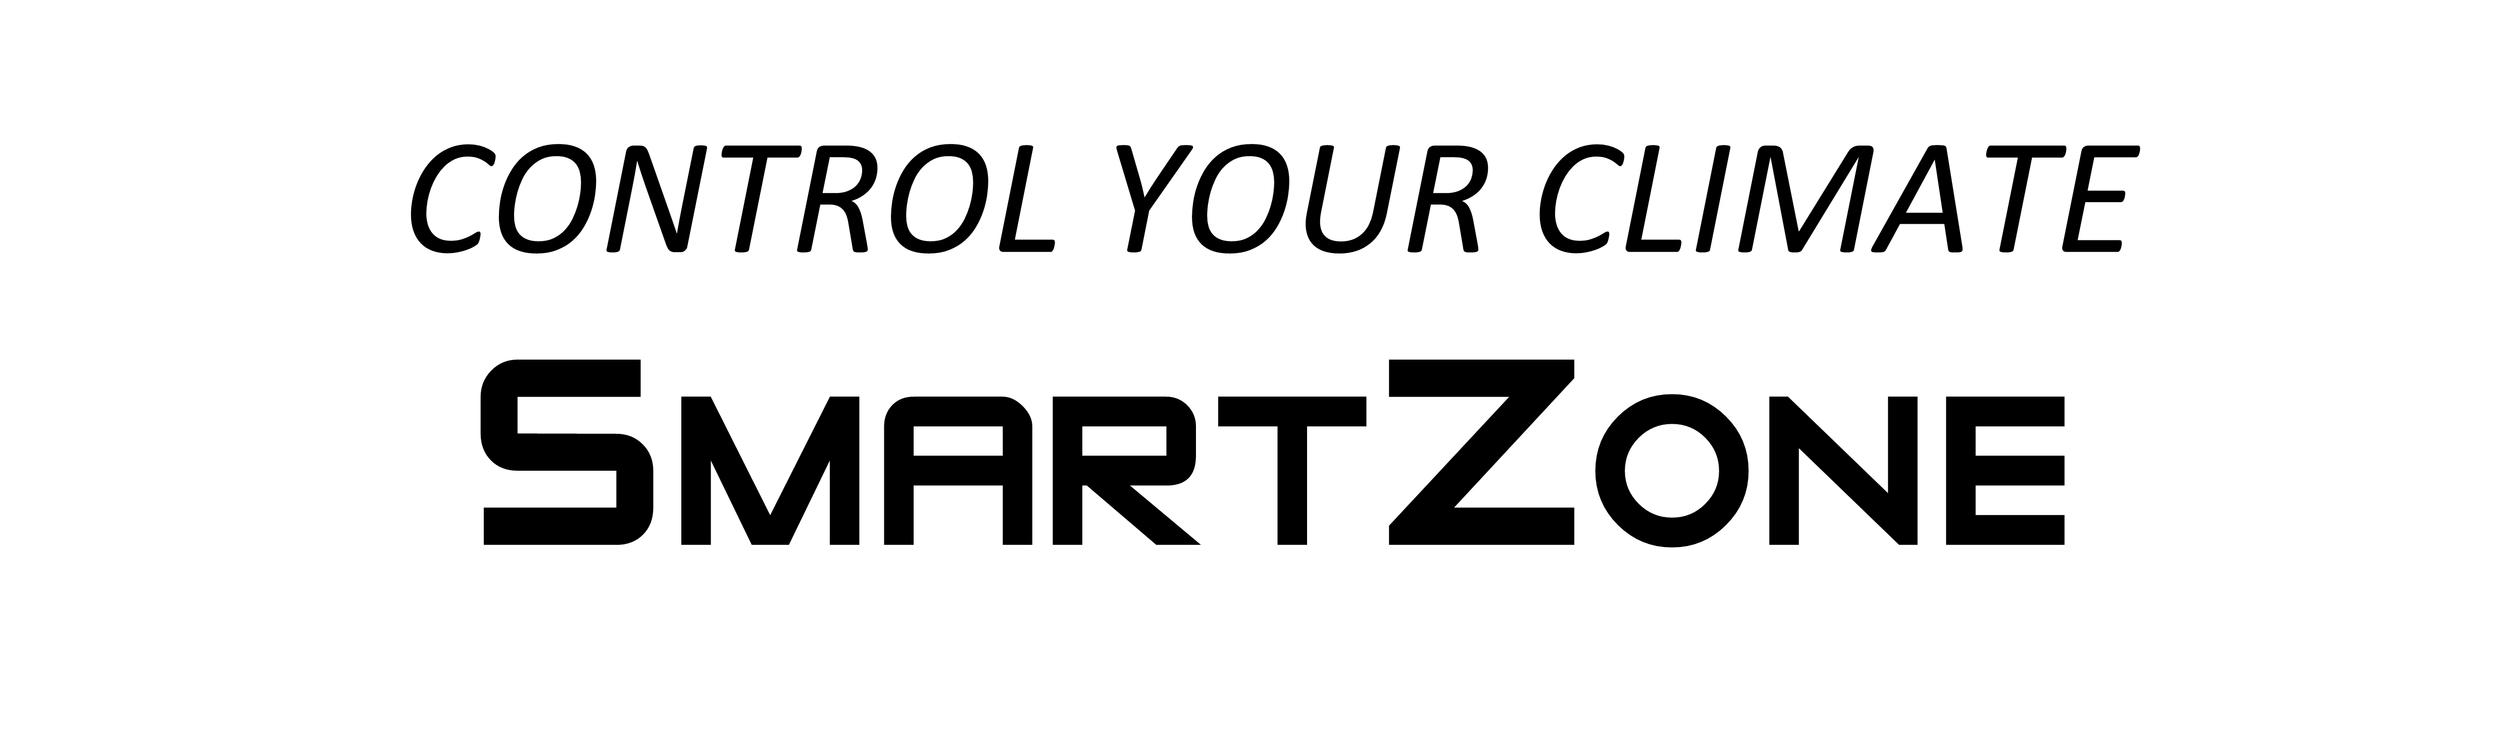 SmartZone - Climate Control